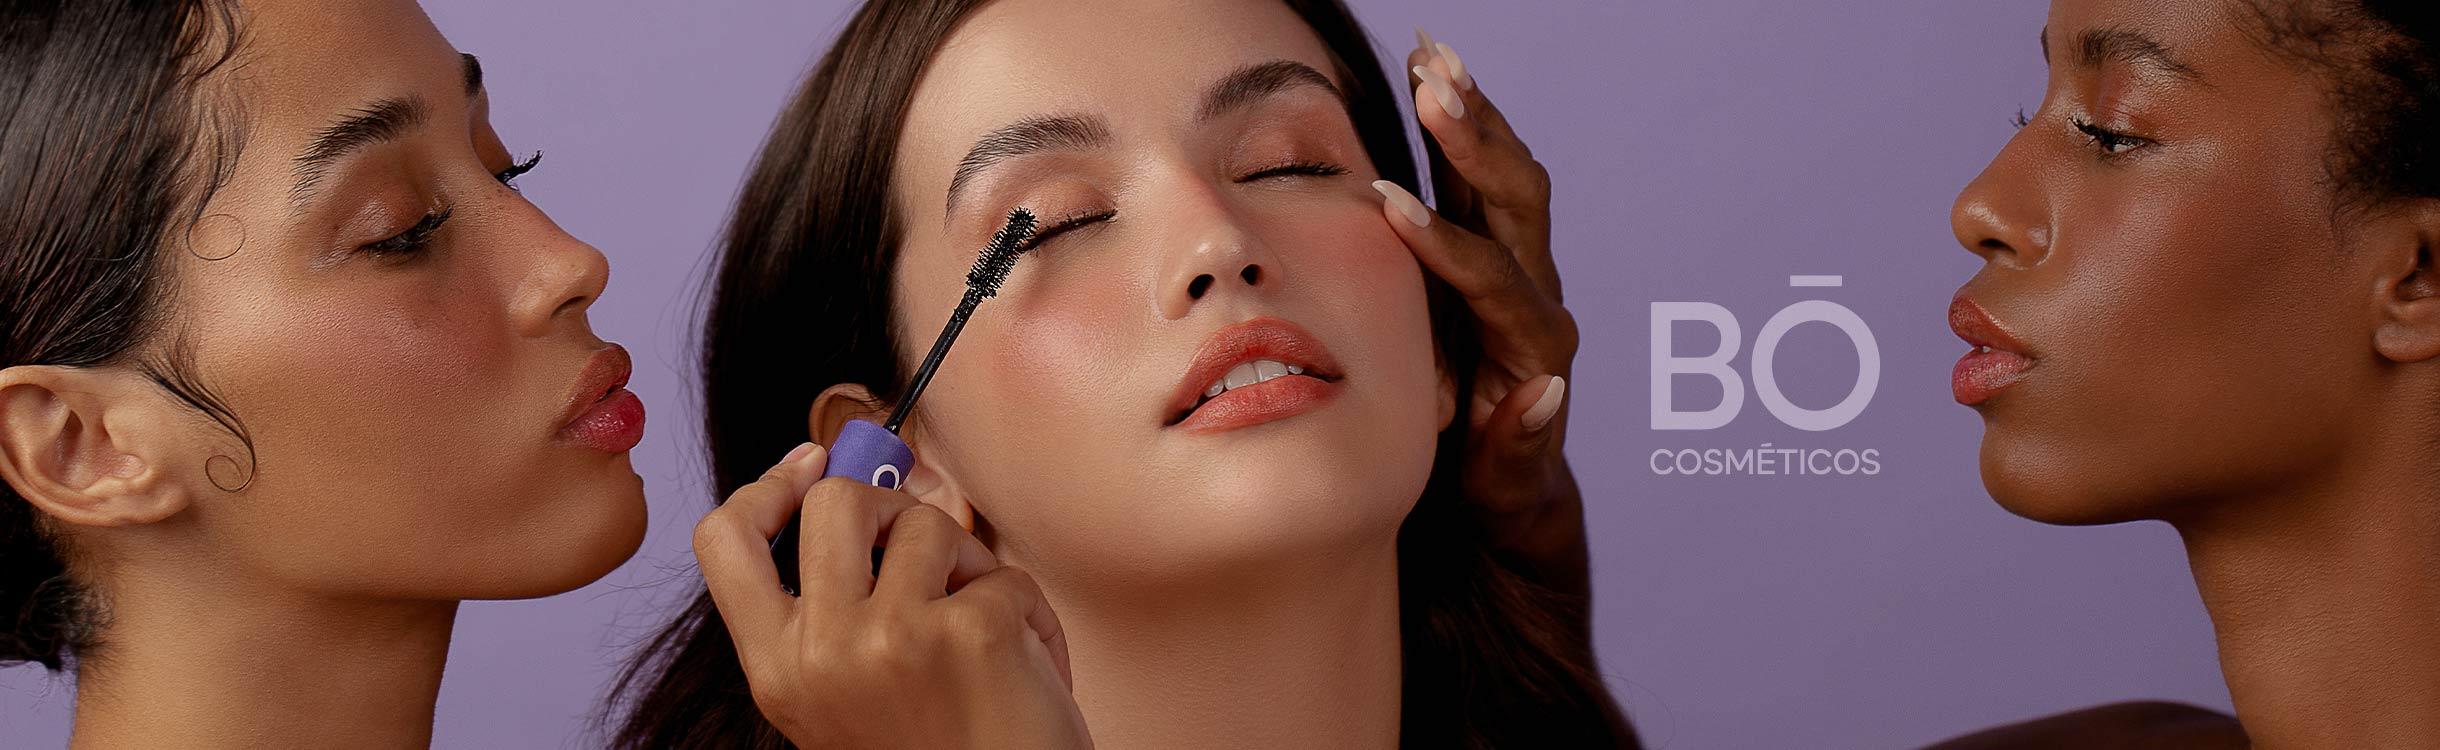 Maquiagem BO Cosméticos para Olhos